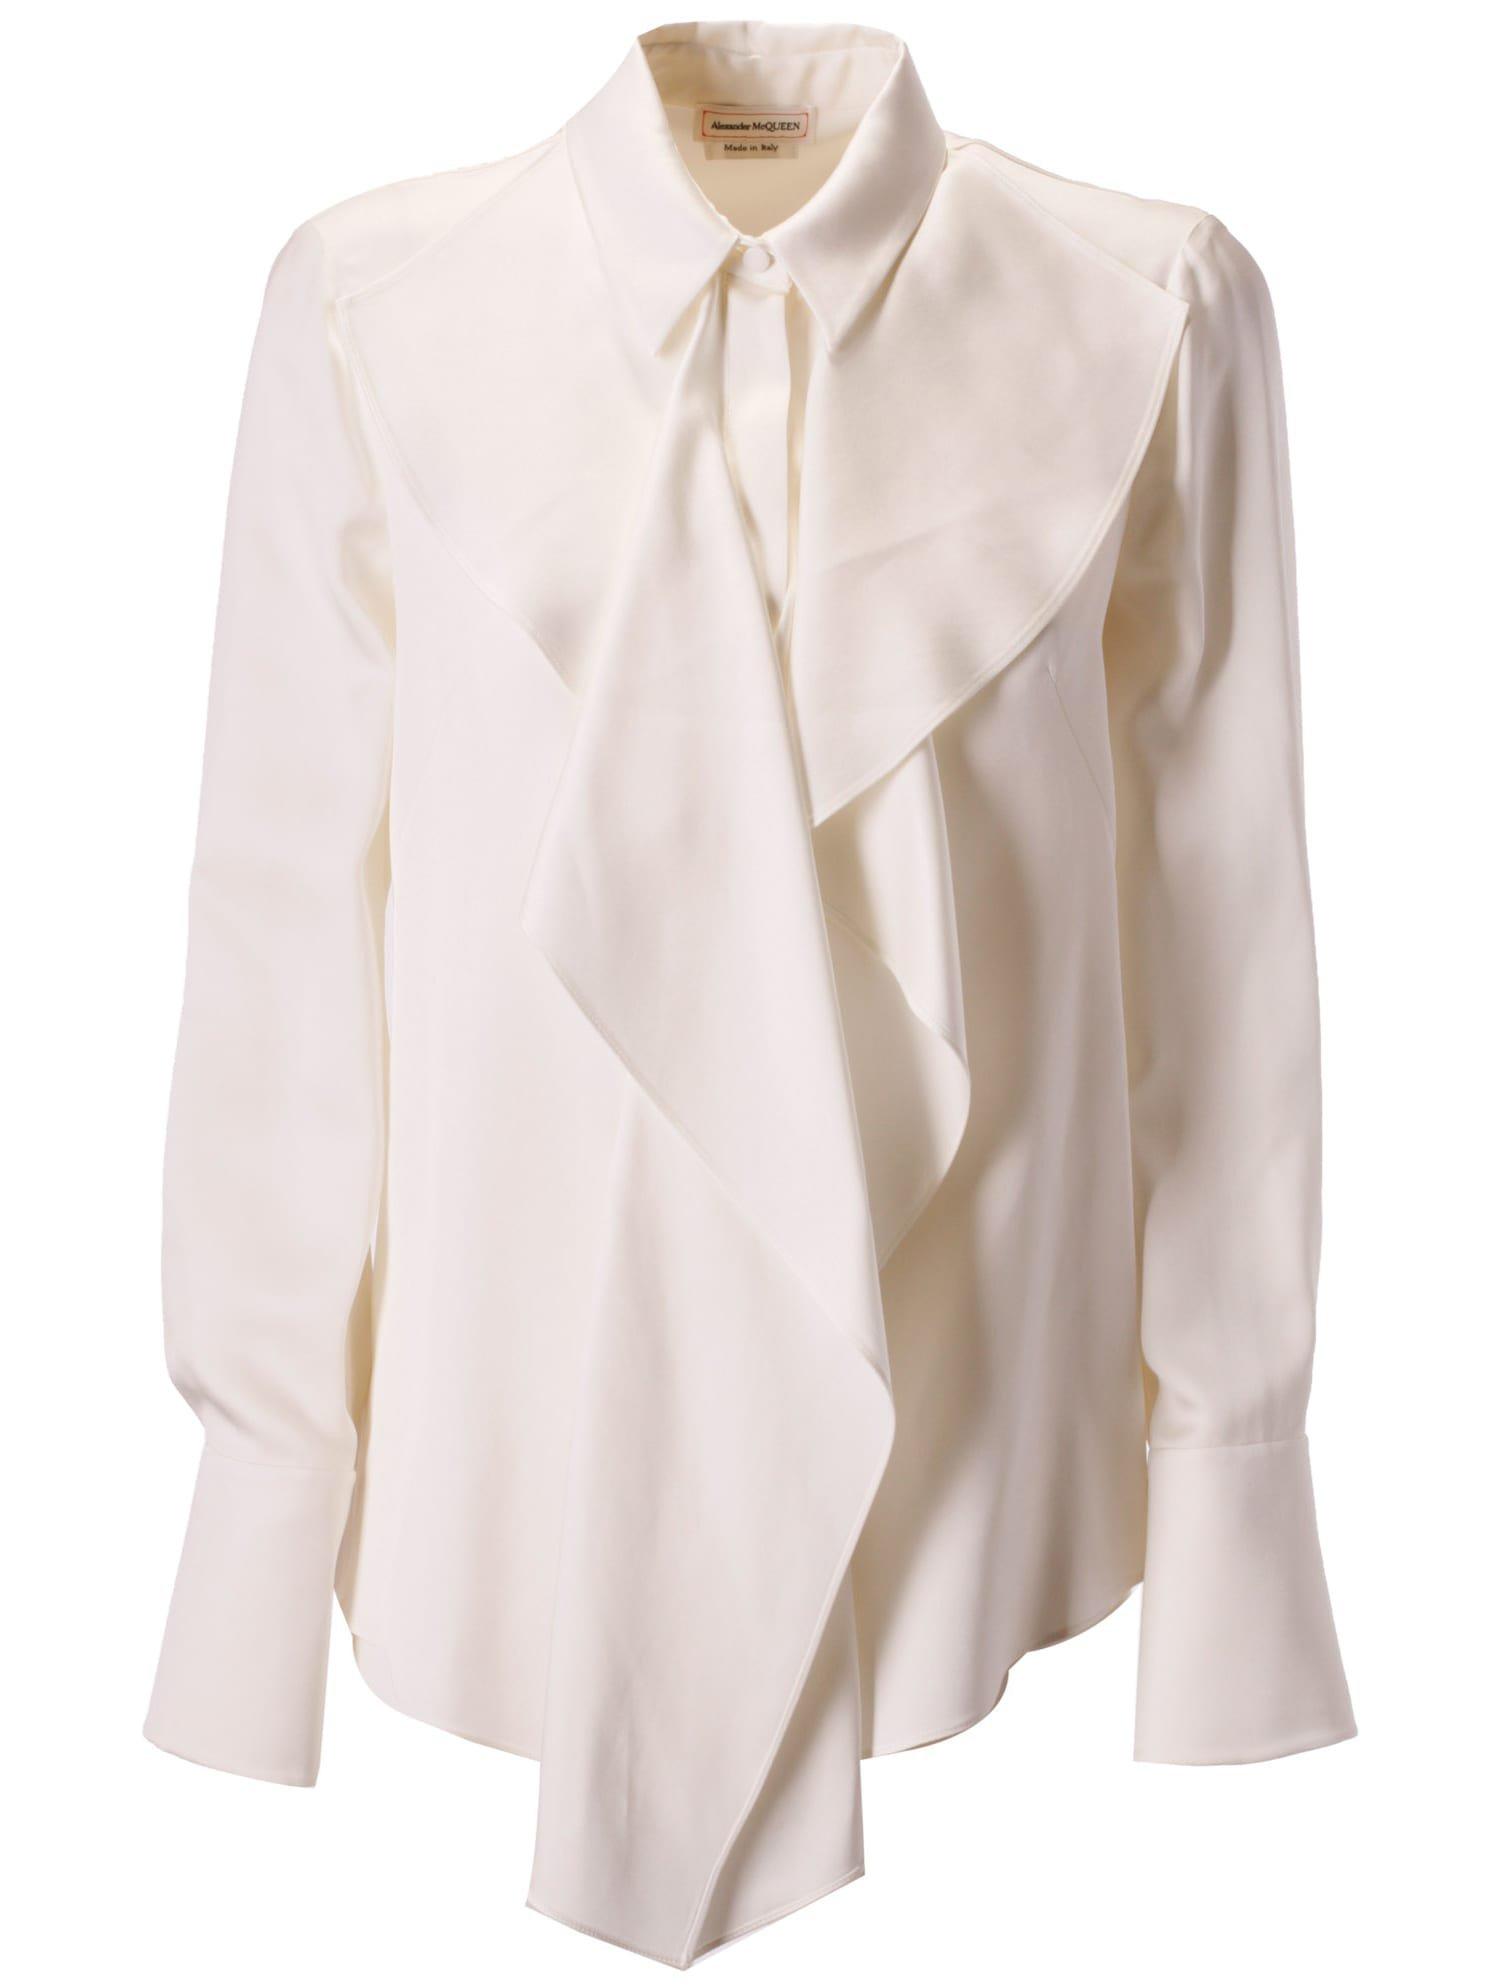 Alexander McQueen Ruffled Detail Shirt